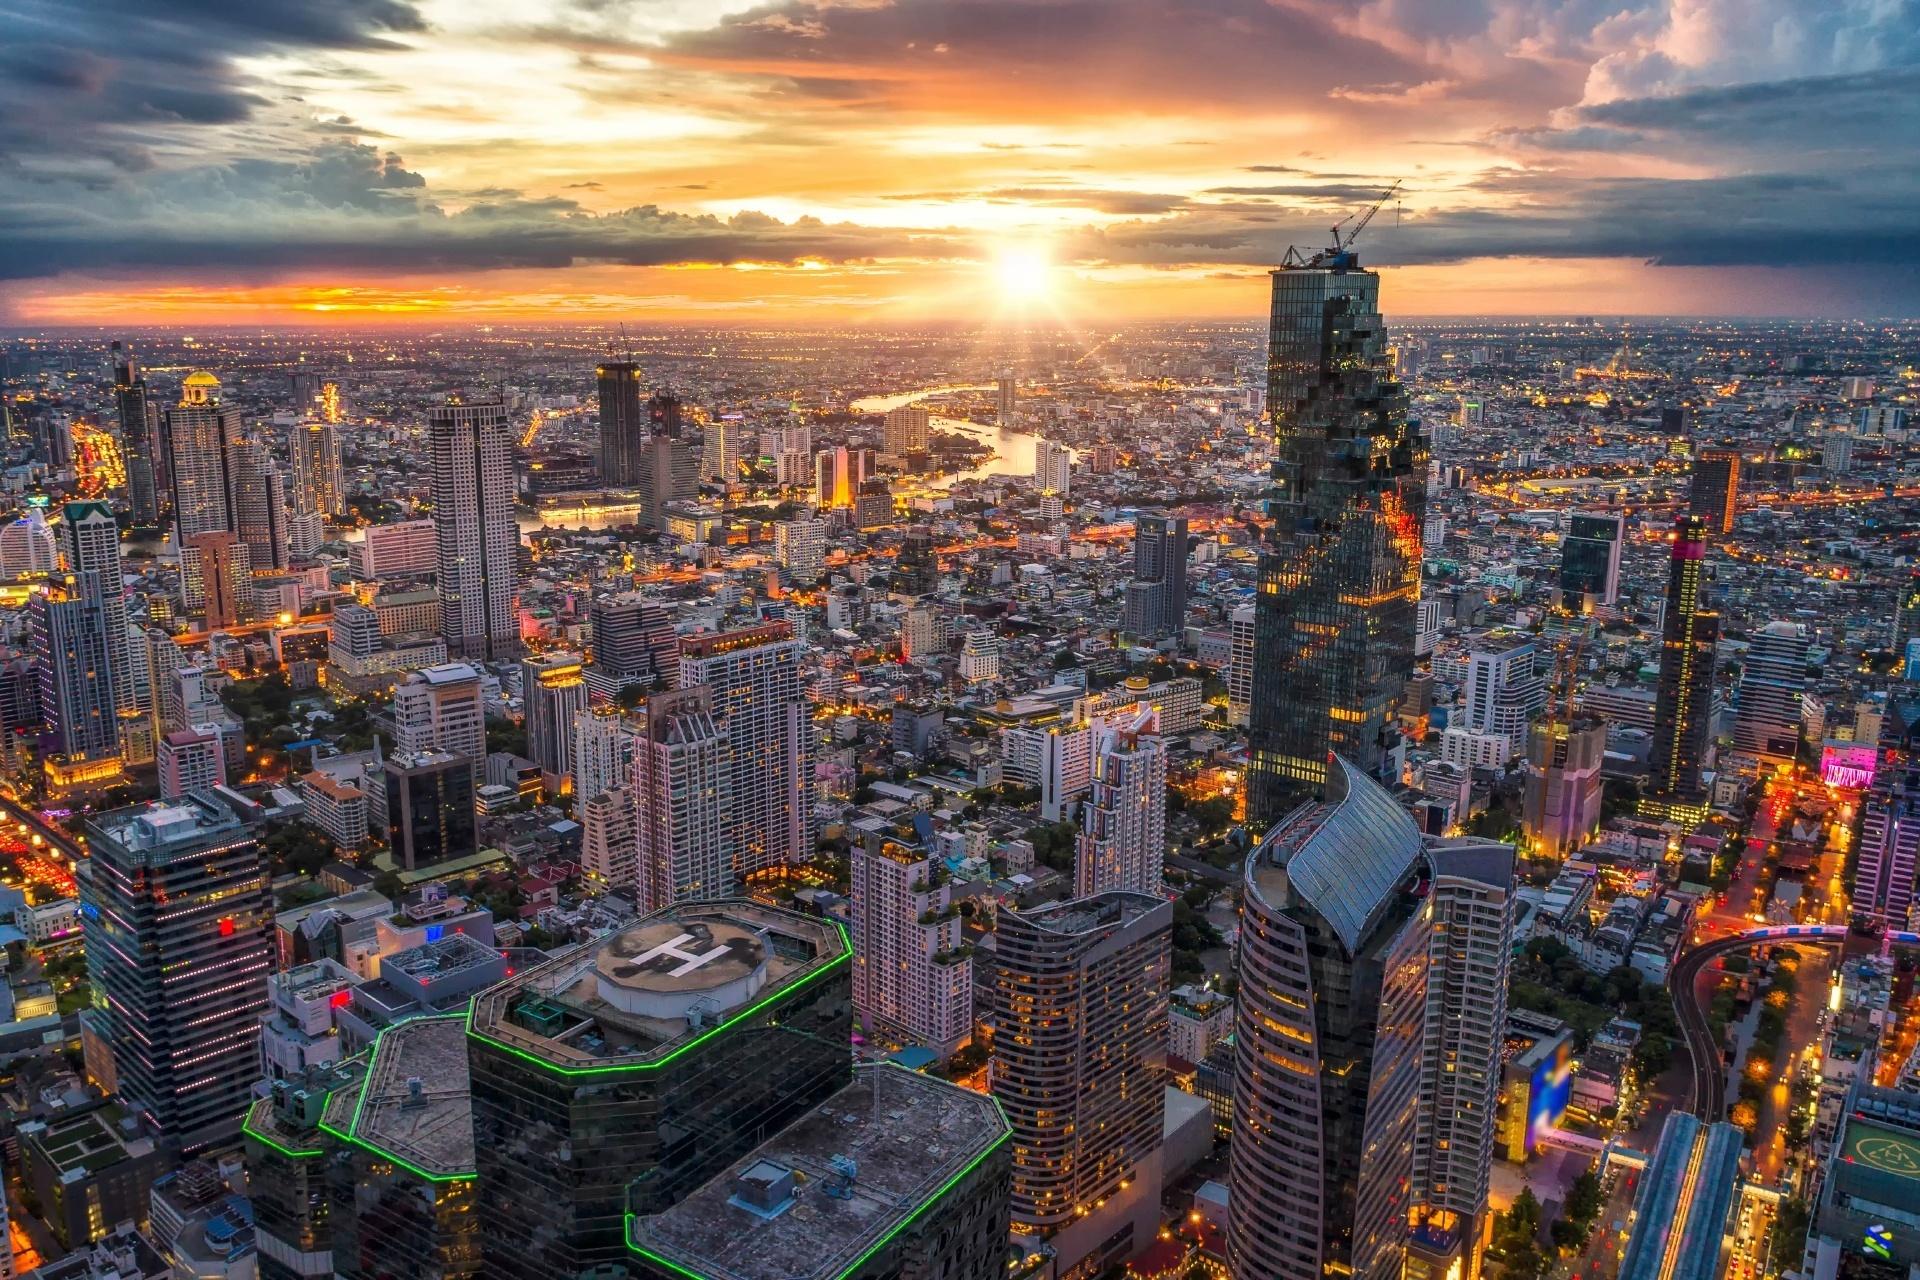 バンコクの夕暮れの風景 夕暮れ時のバンコクの町並み タイの風景